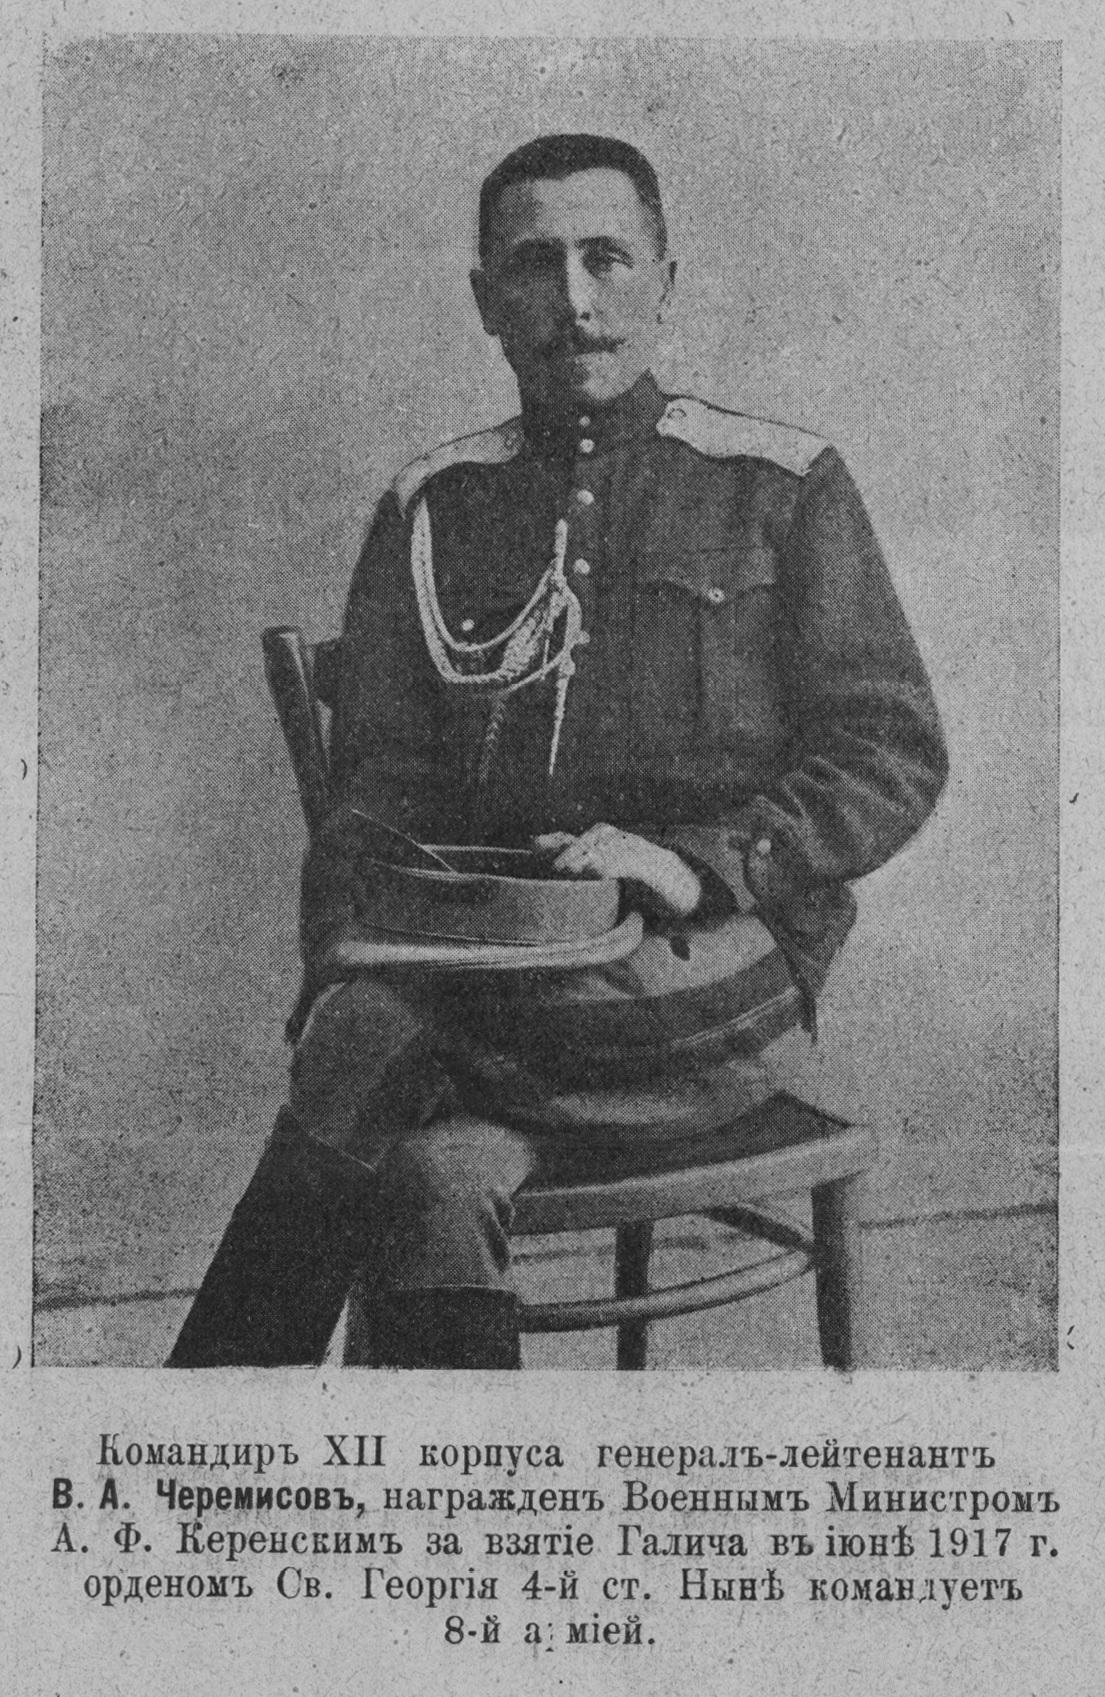 Картинки по запросу Черемисов, Владимир Андреевич